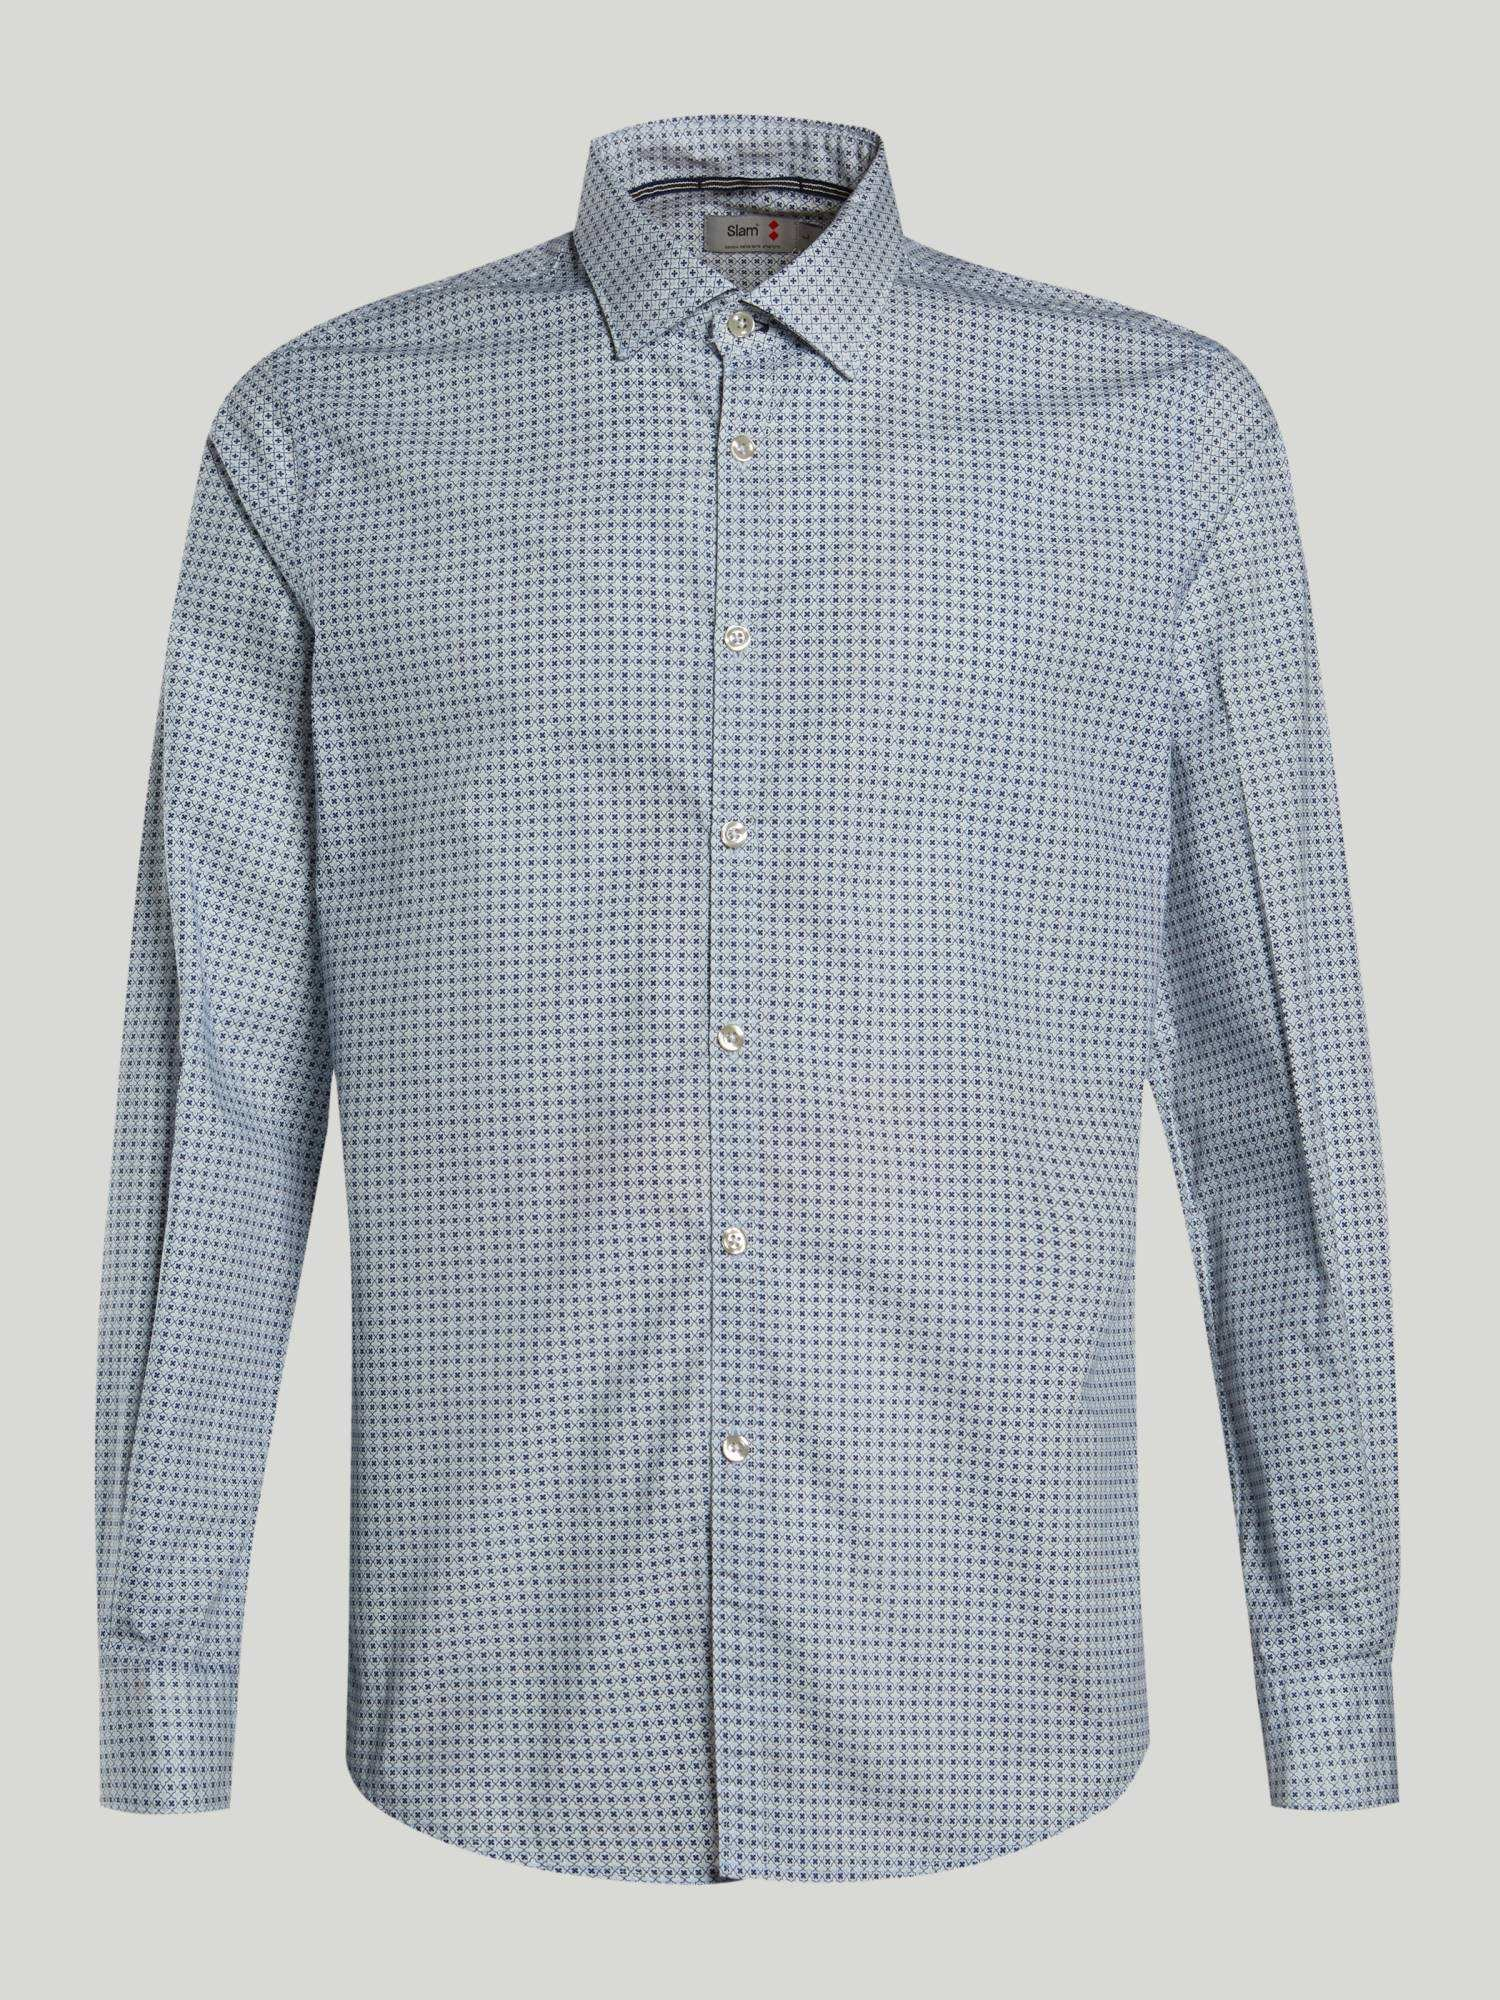 Shirt A149 - Bianco / Navy